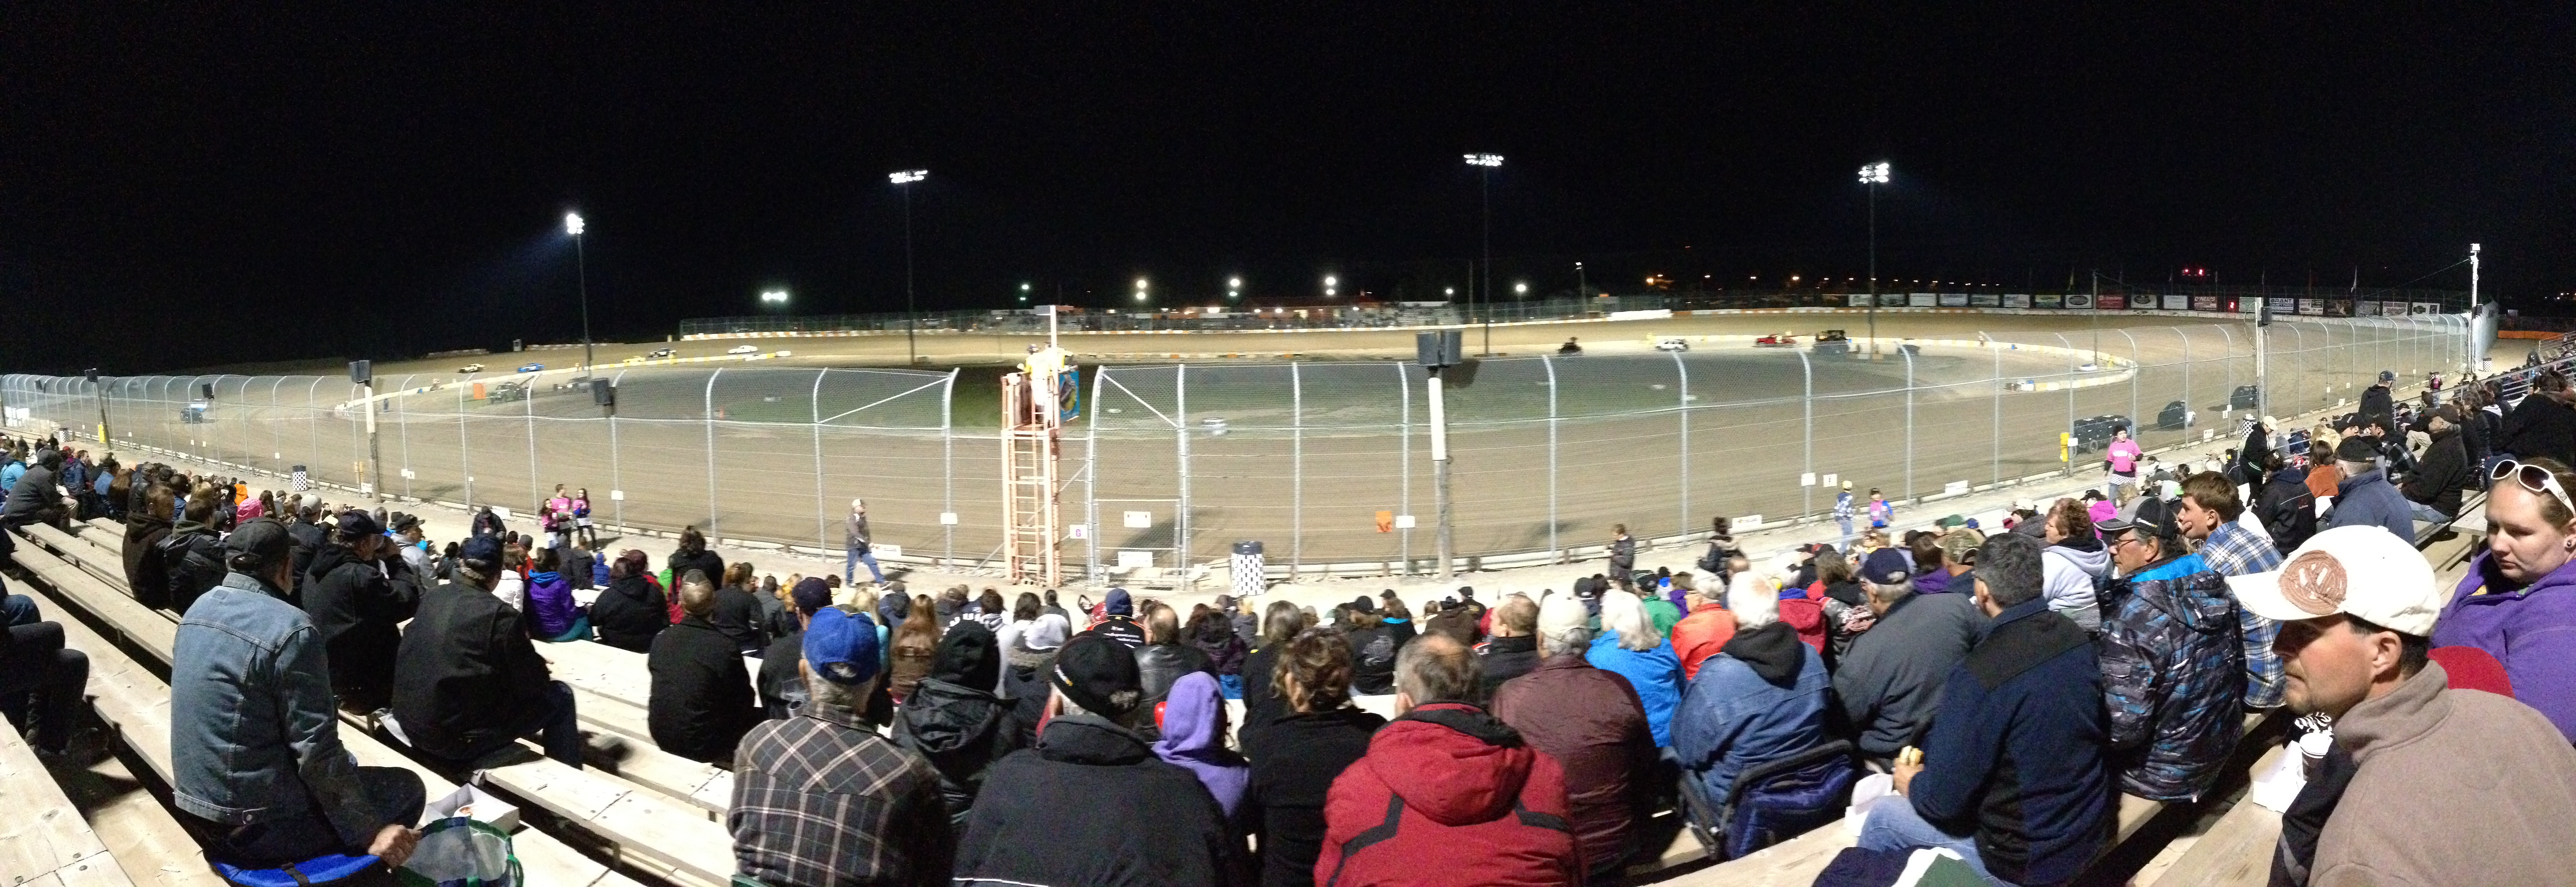 Ohsweken Speedway